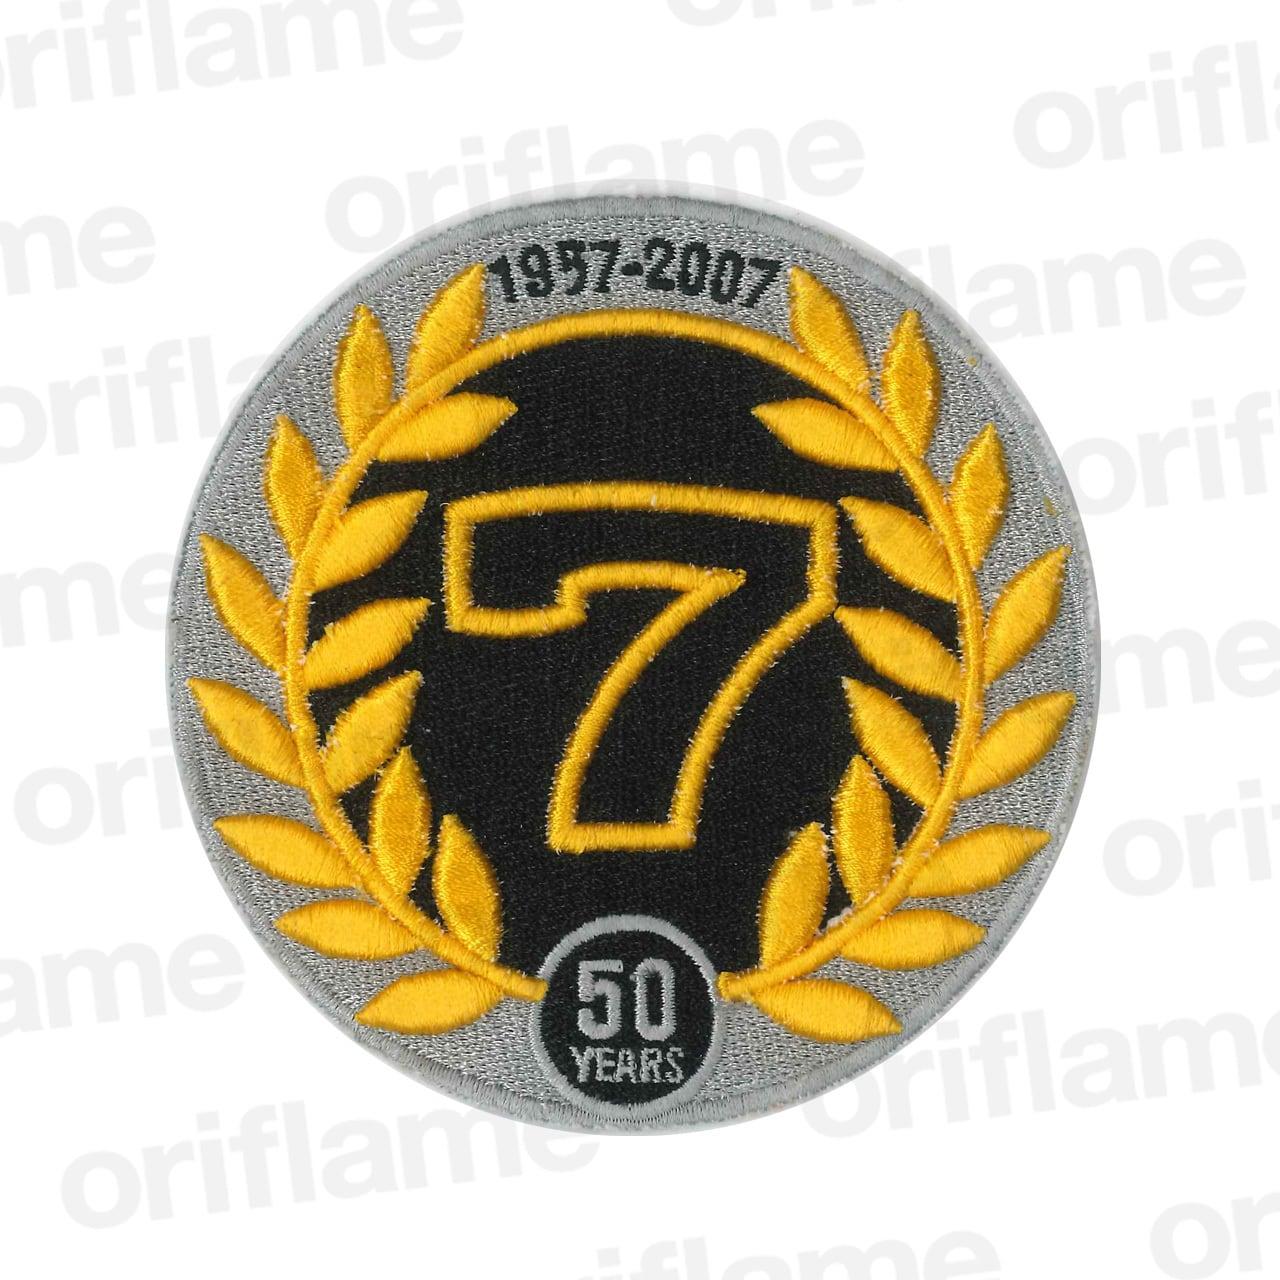 セブン・1957-2007・50周年・ワッペン・100mm径